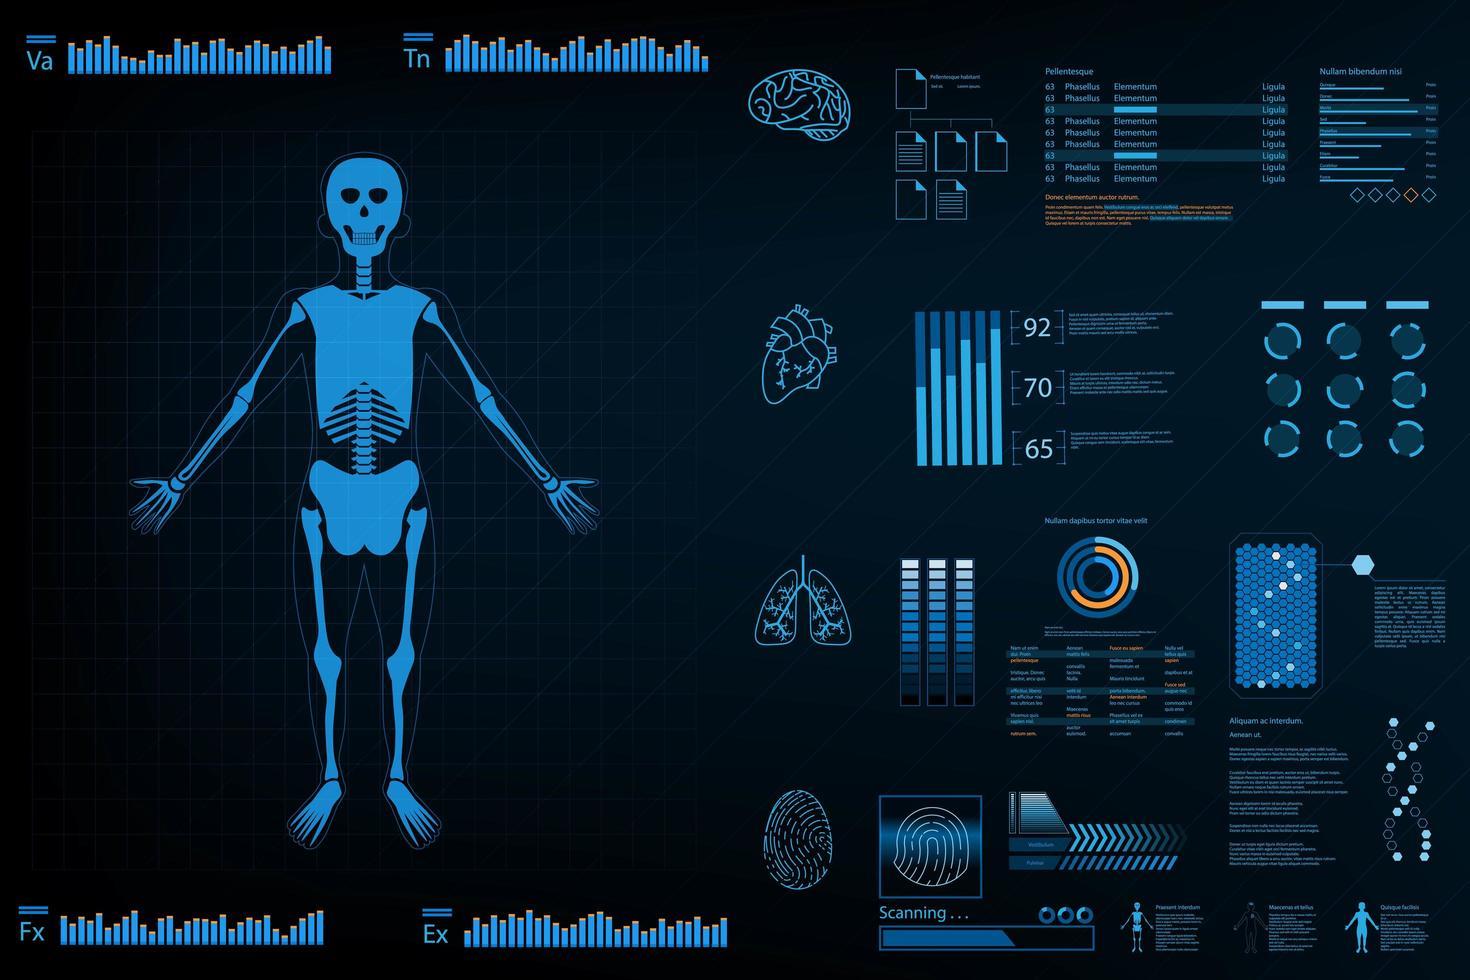 futuristisches Analysedesign mit Skelett, Grafiken und Diagrammen vektor